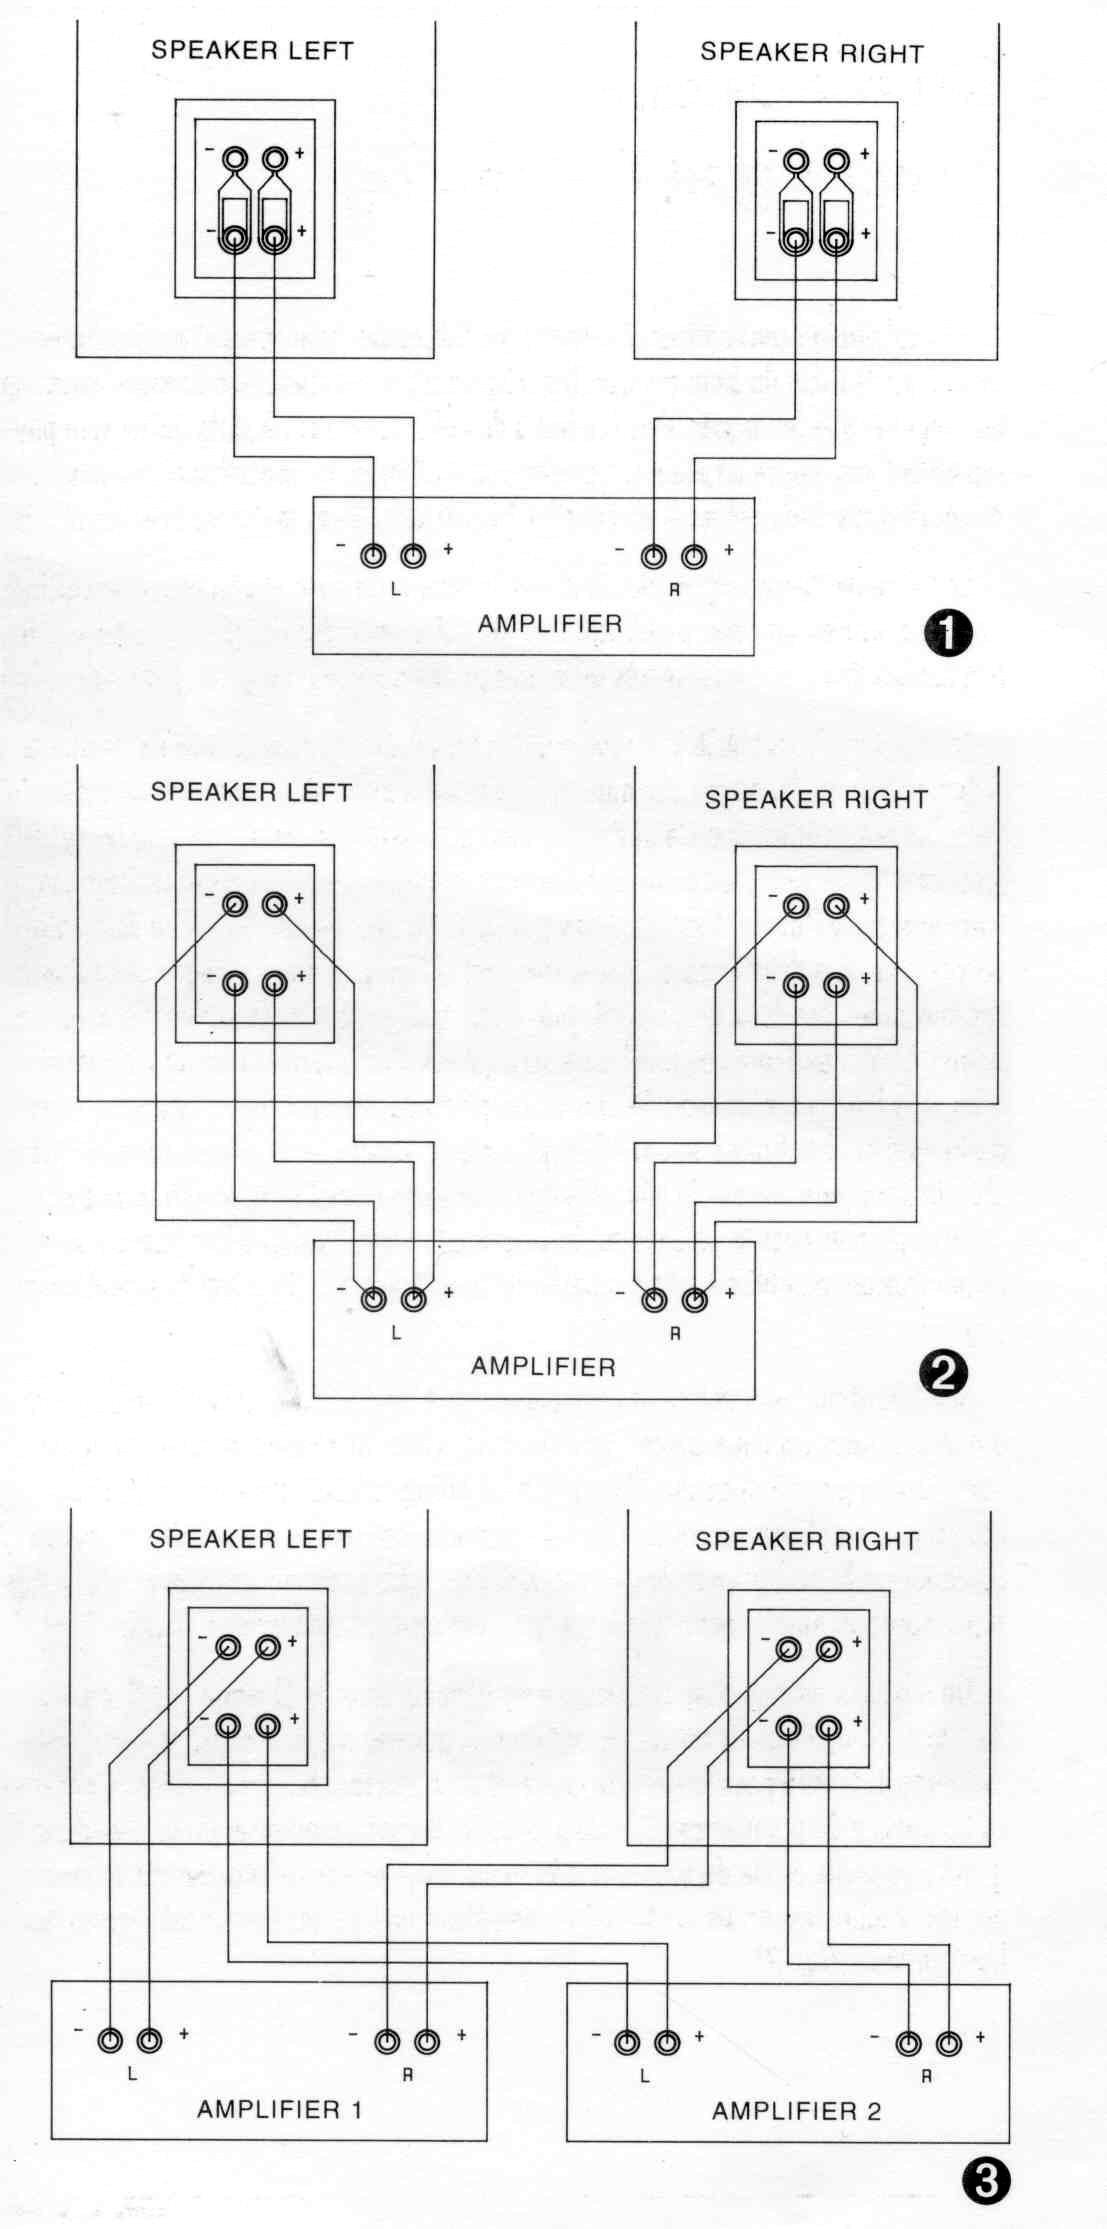 cherche un nouvel ampli pour k2 s5500 - Page 2 Bi-amping